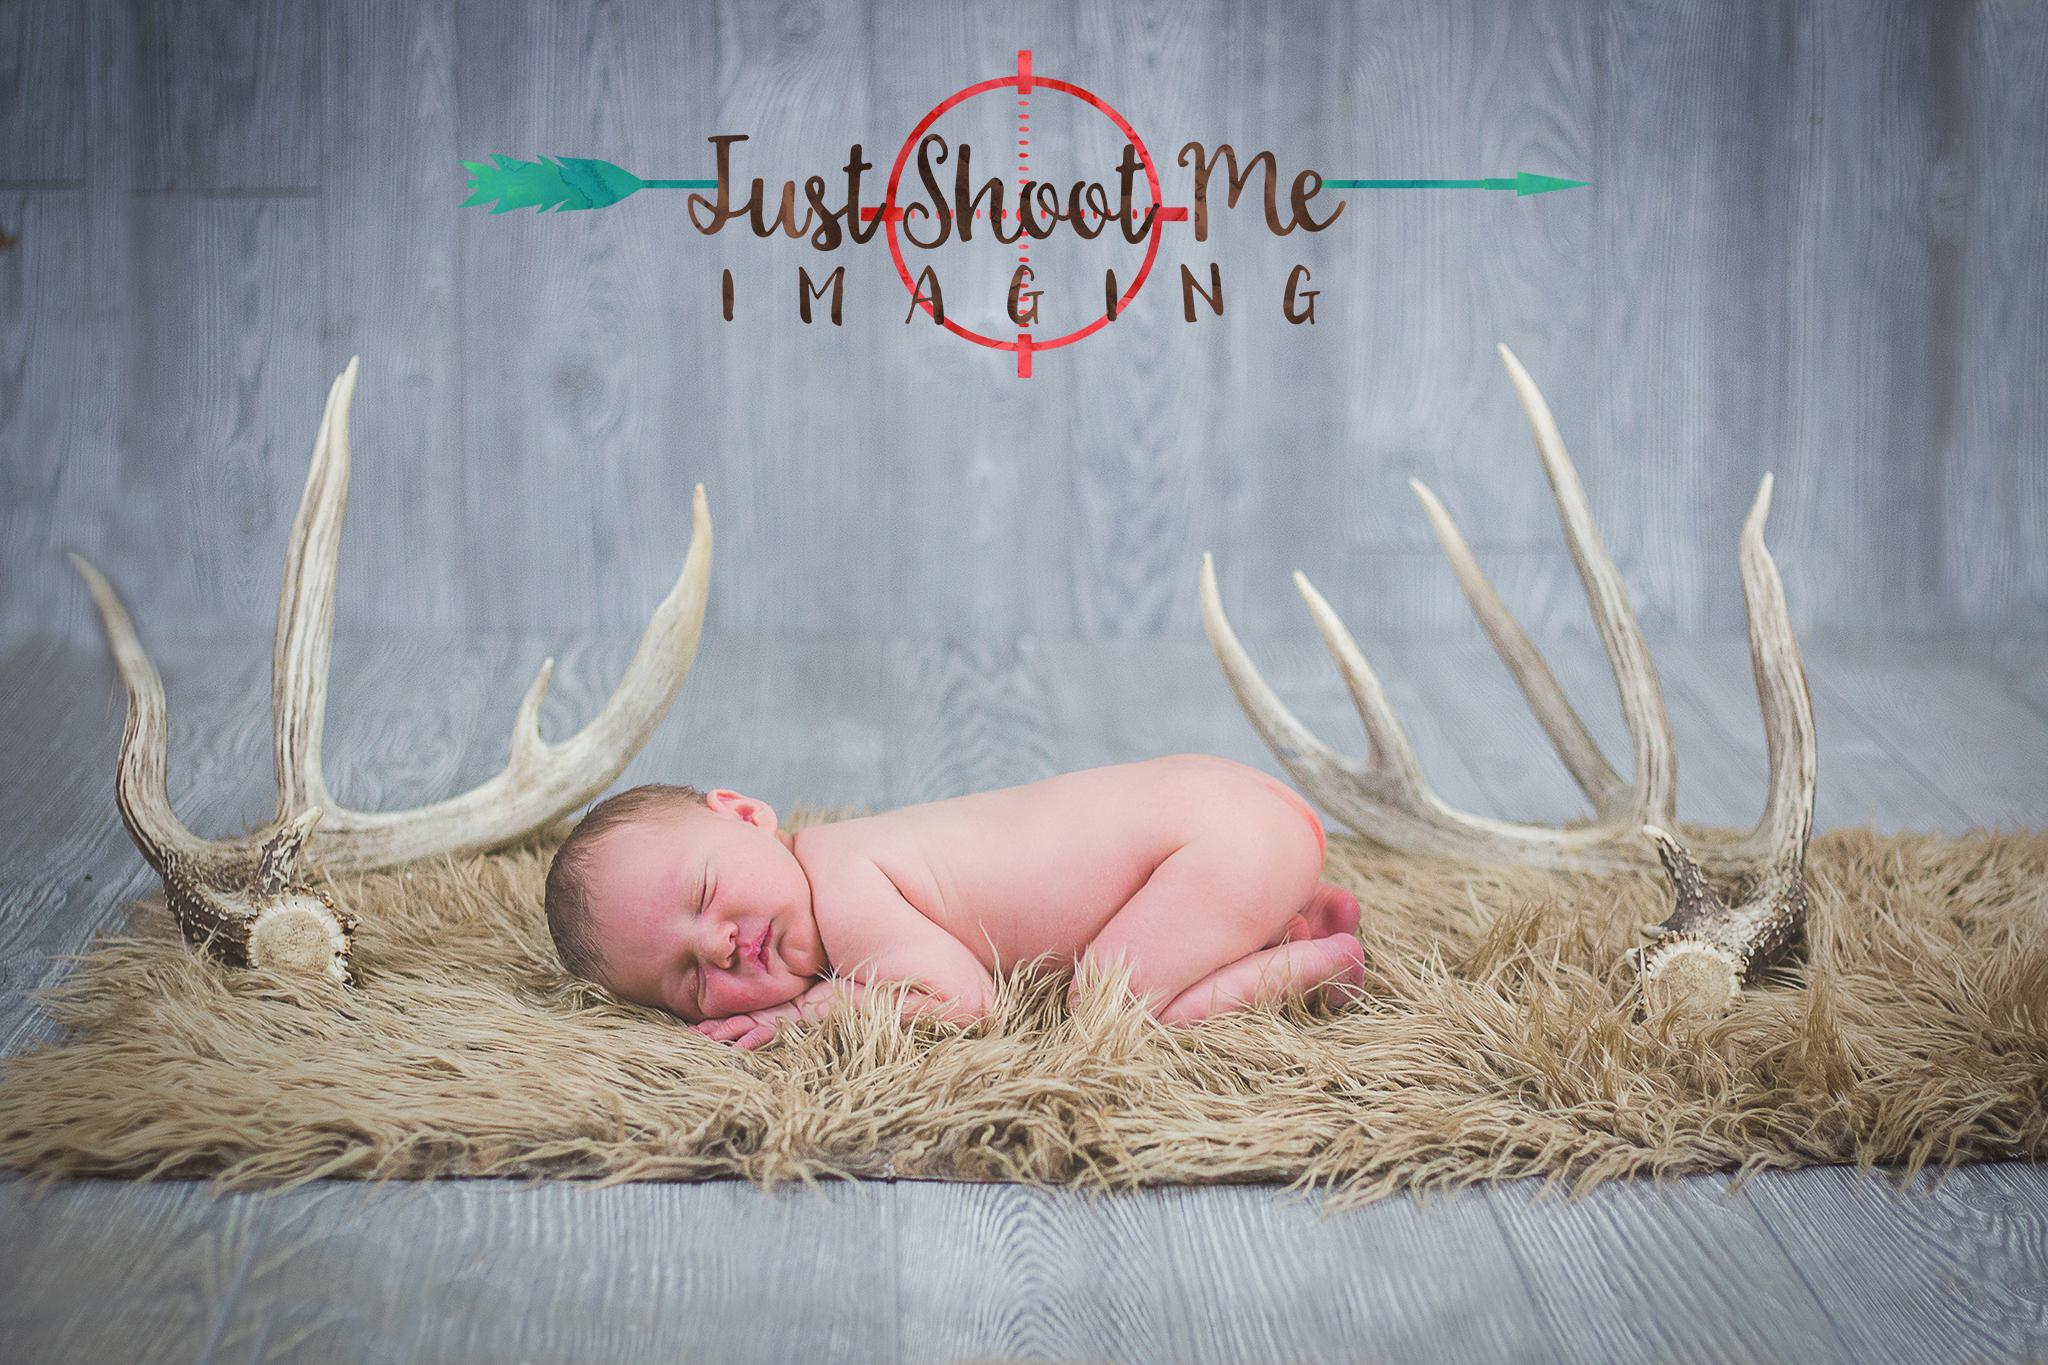 Baby colton newborn photography yakima wa sunnyside photographer united states just shoot me imaging